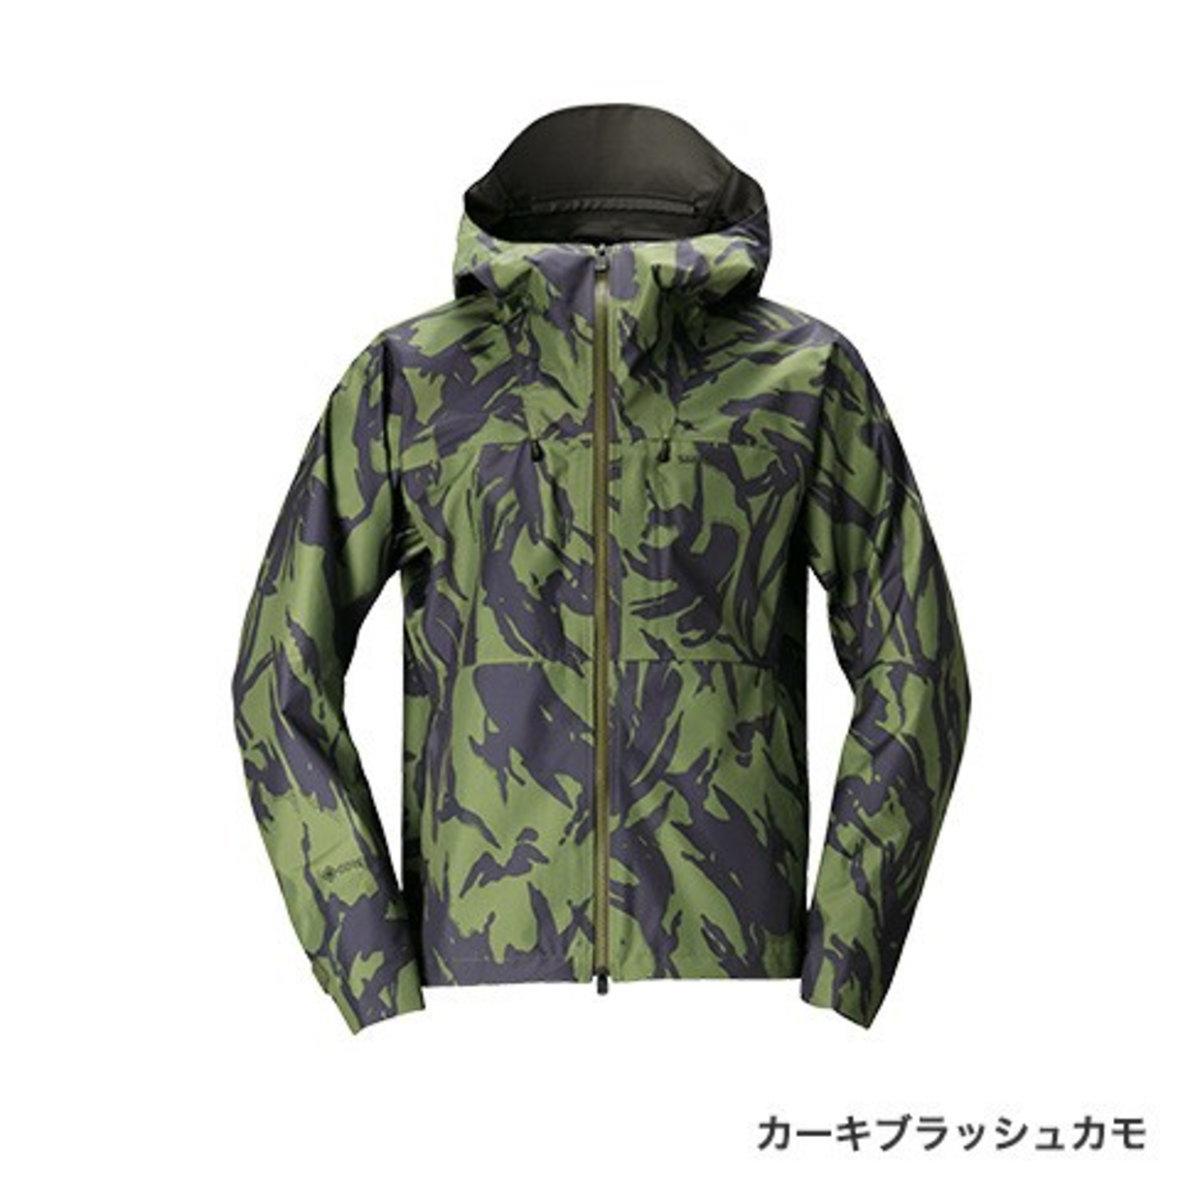 【送料無料4】シマノ GORE-TEX エクスプローラーレインジャケット RA-01JT カーキブラッシュカモ L